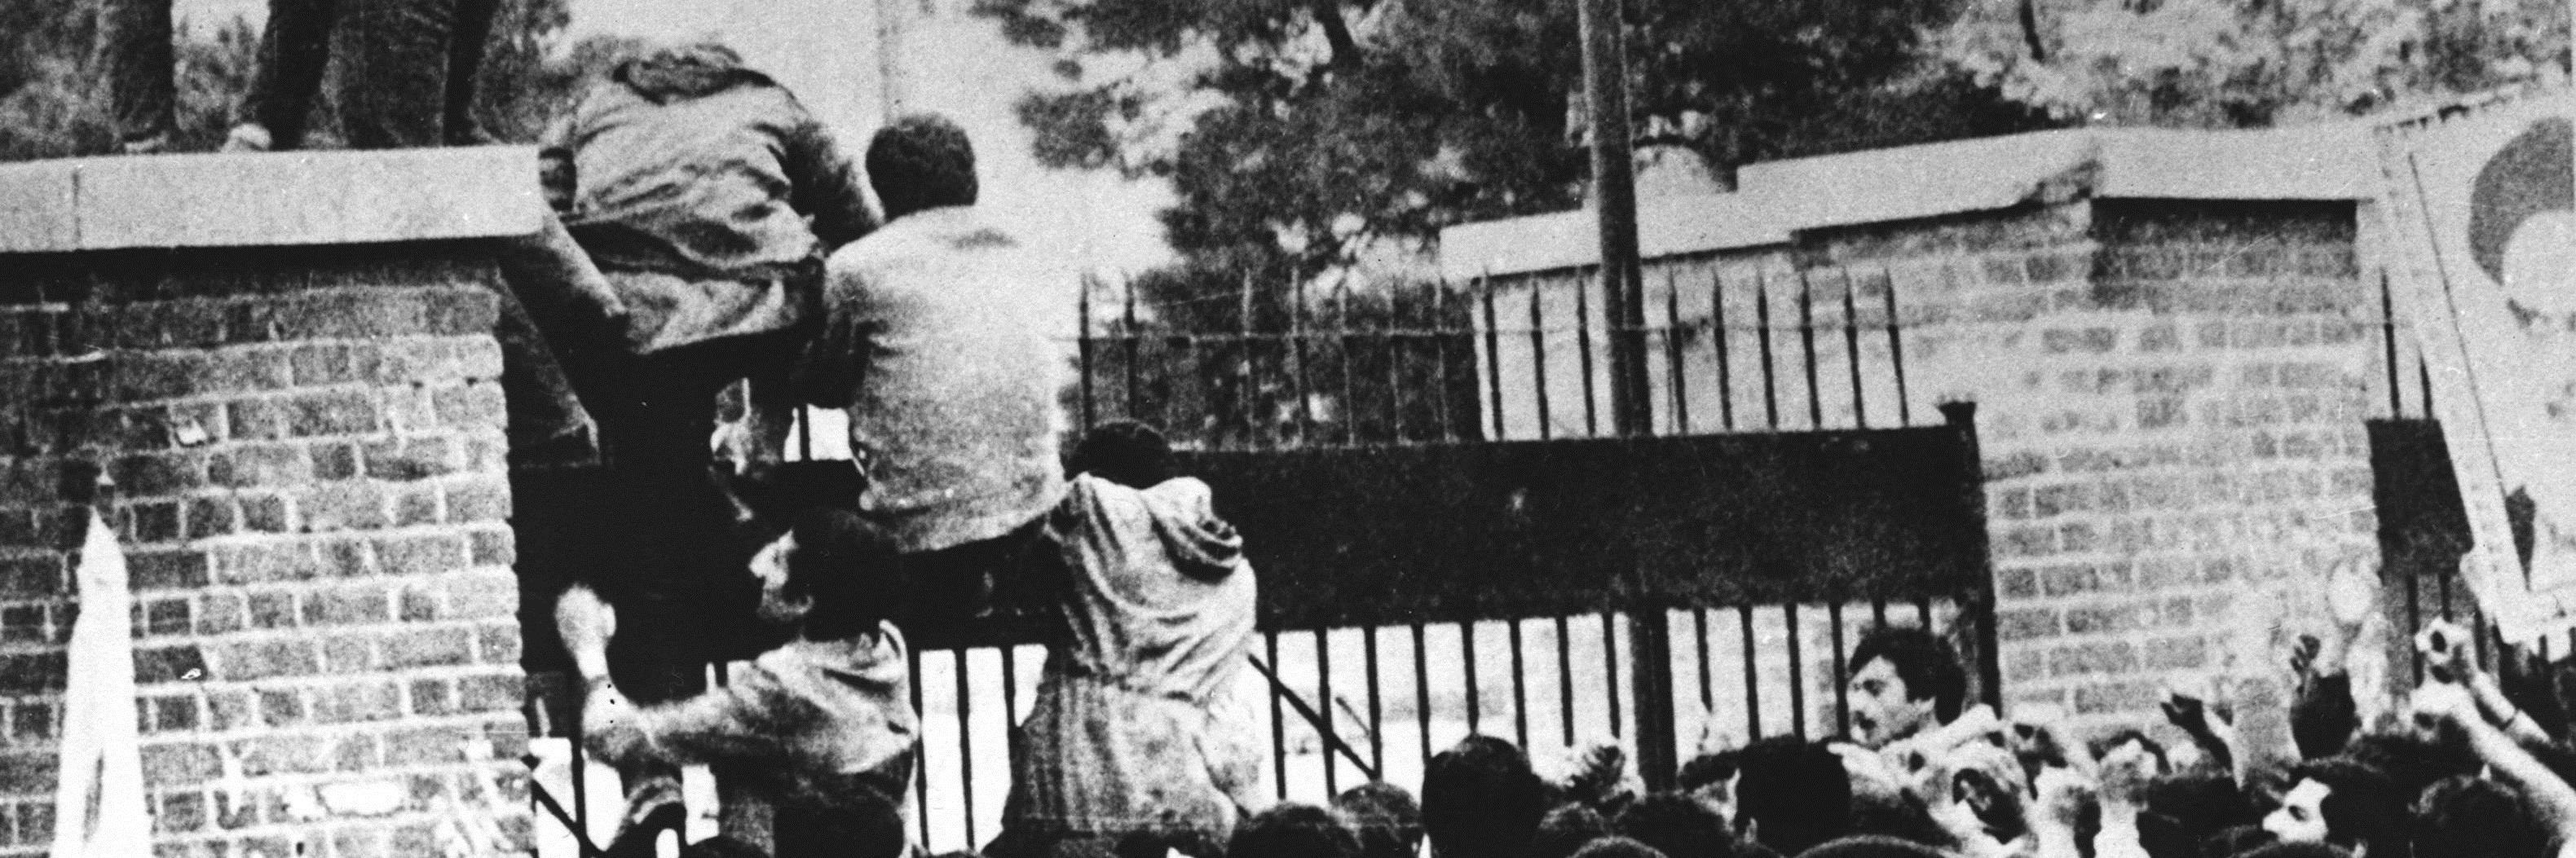 تاکتیکهای سفارت آمریکا در ایران بعد از انقلاب